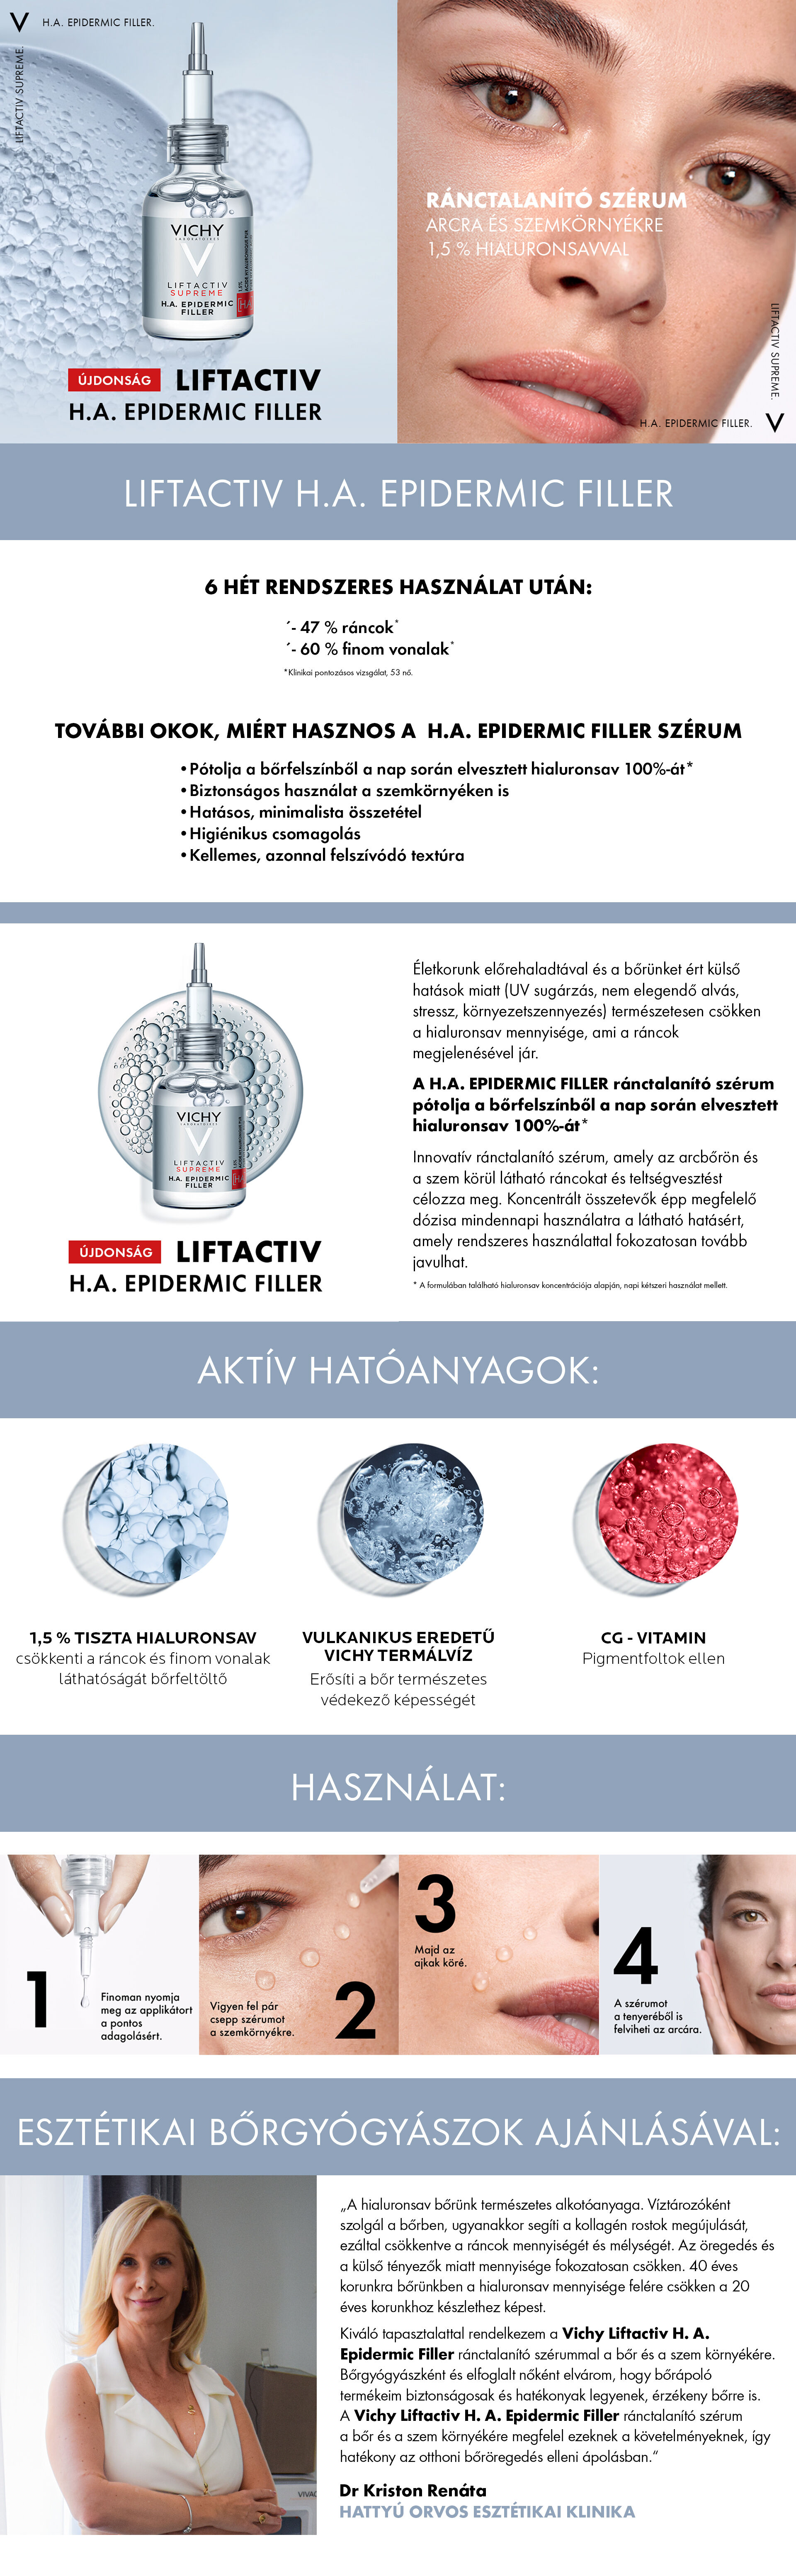 Vichy Liftactiv Supreme H.A. Epidermic Filler szérum